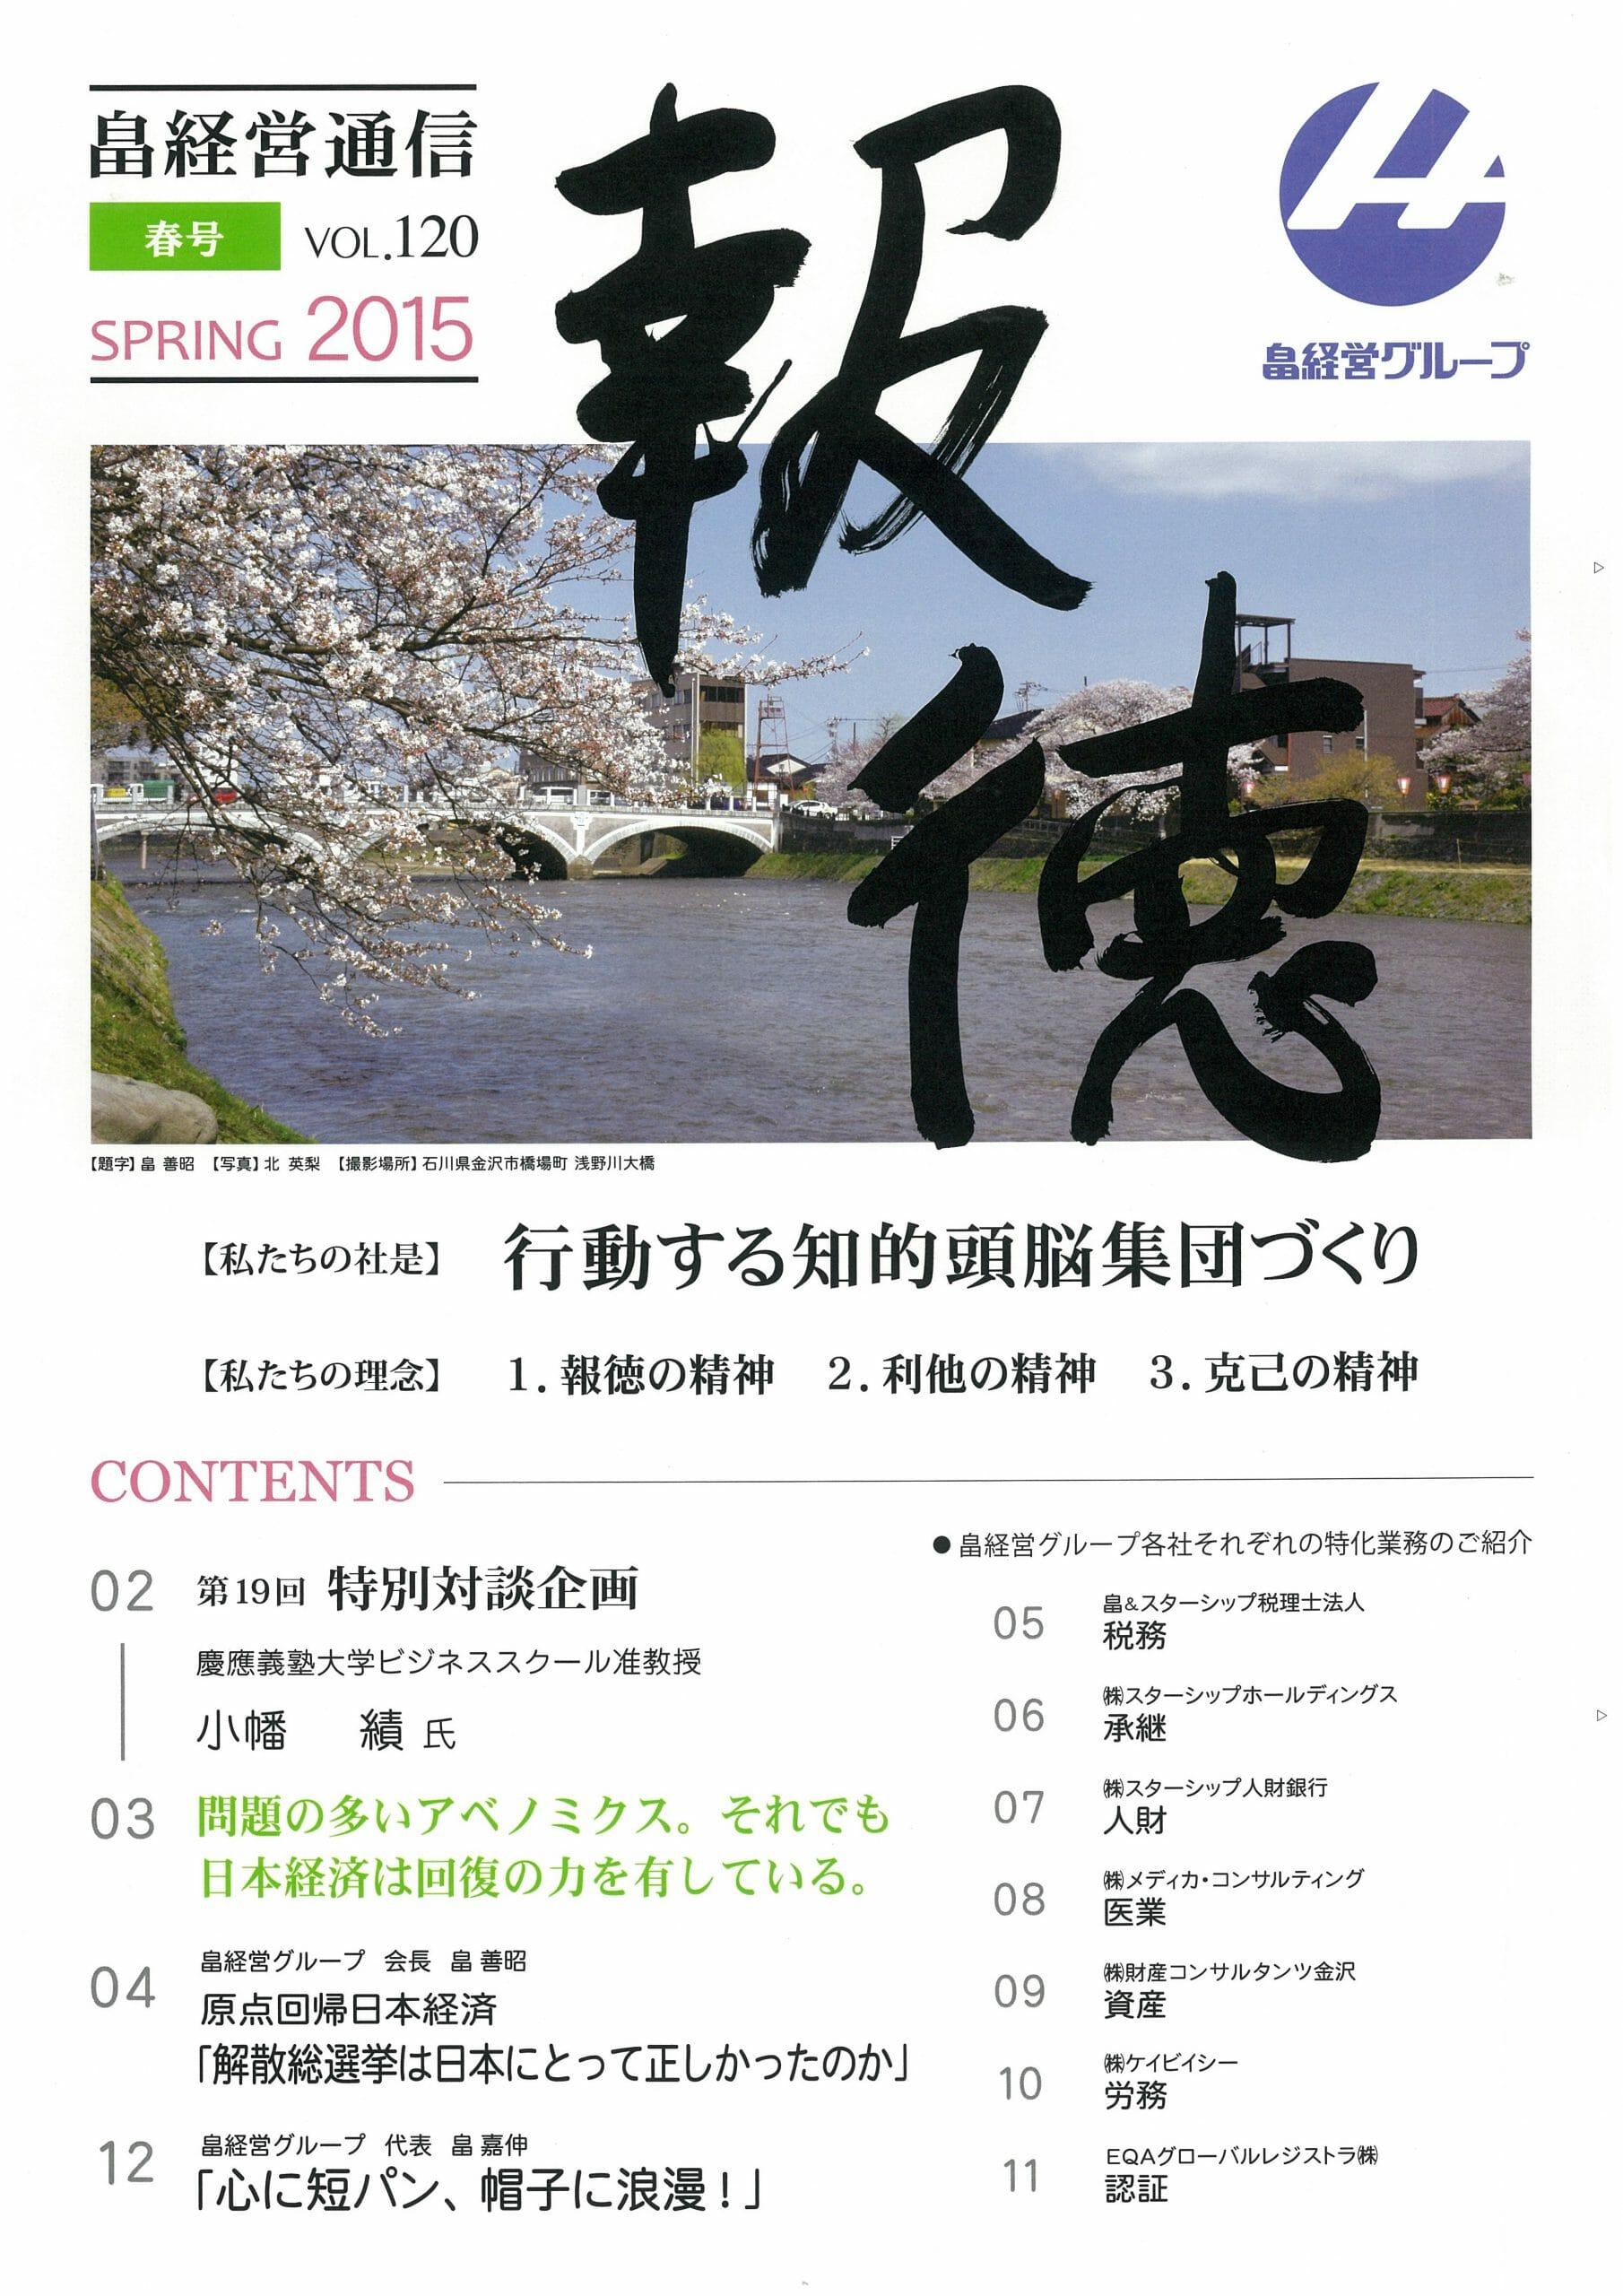 2015年4月9日 報徳春号vol.120 発刊しました